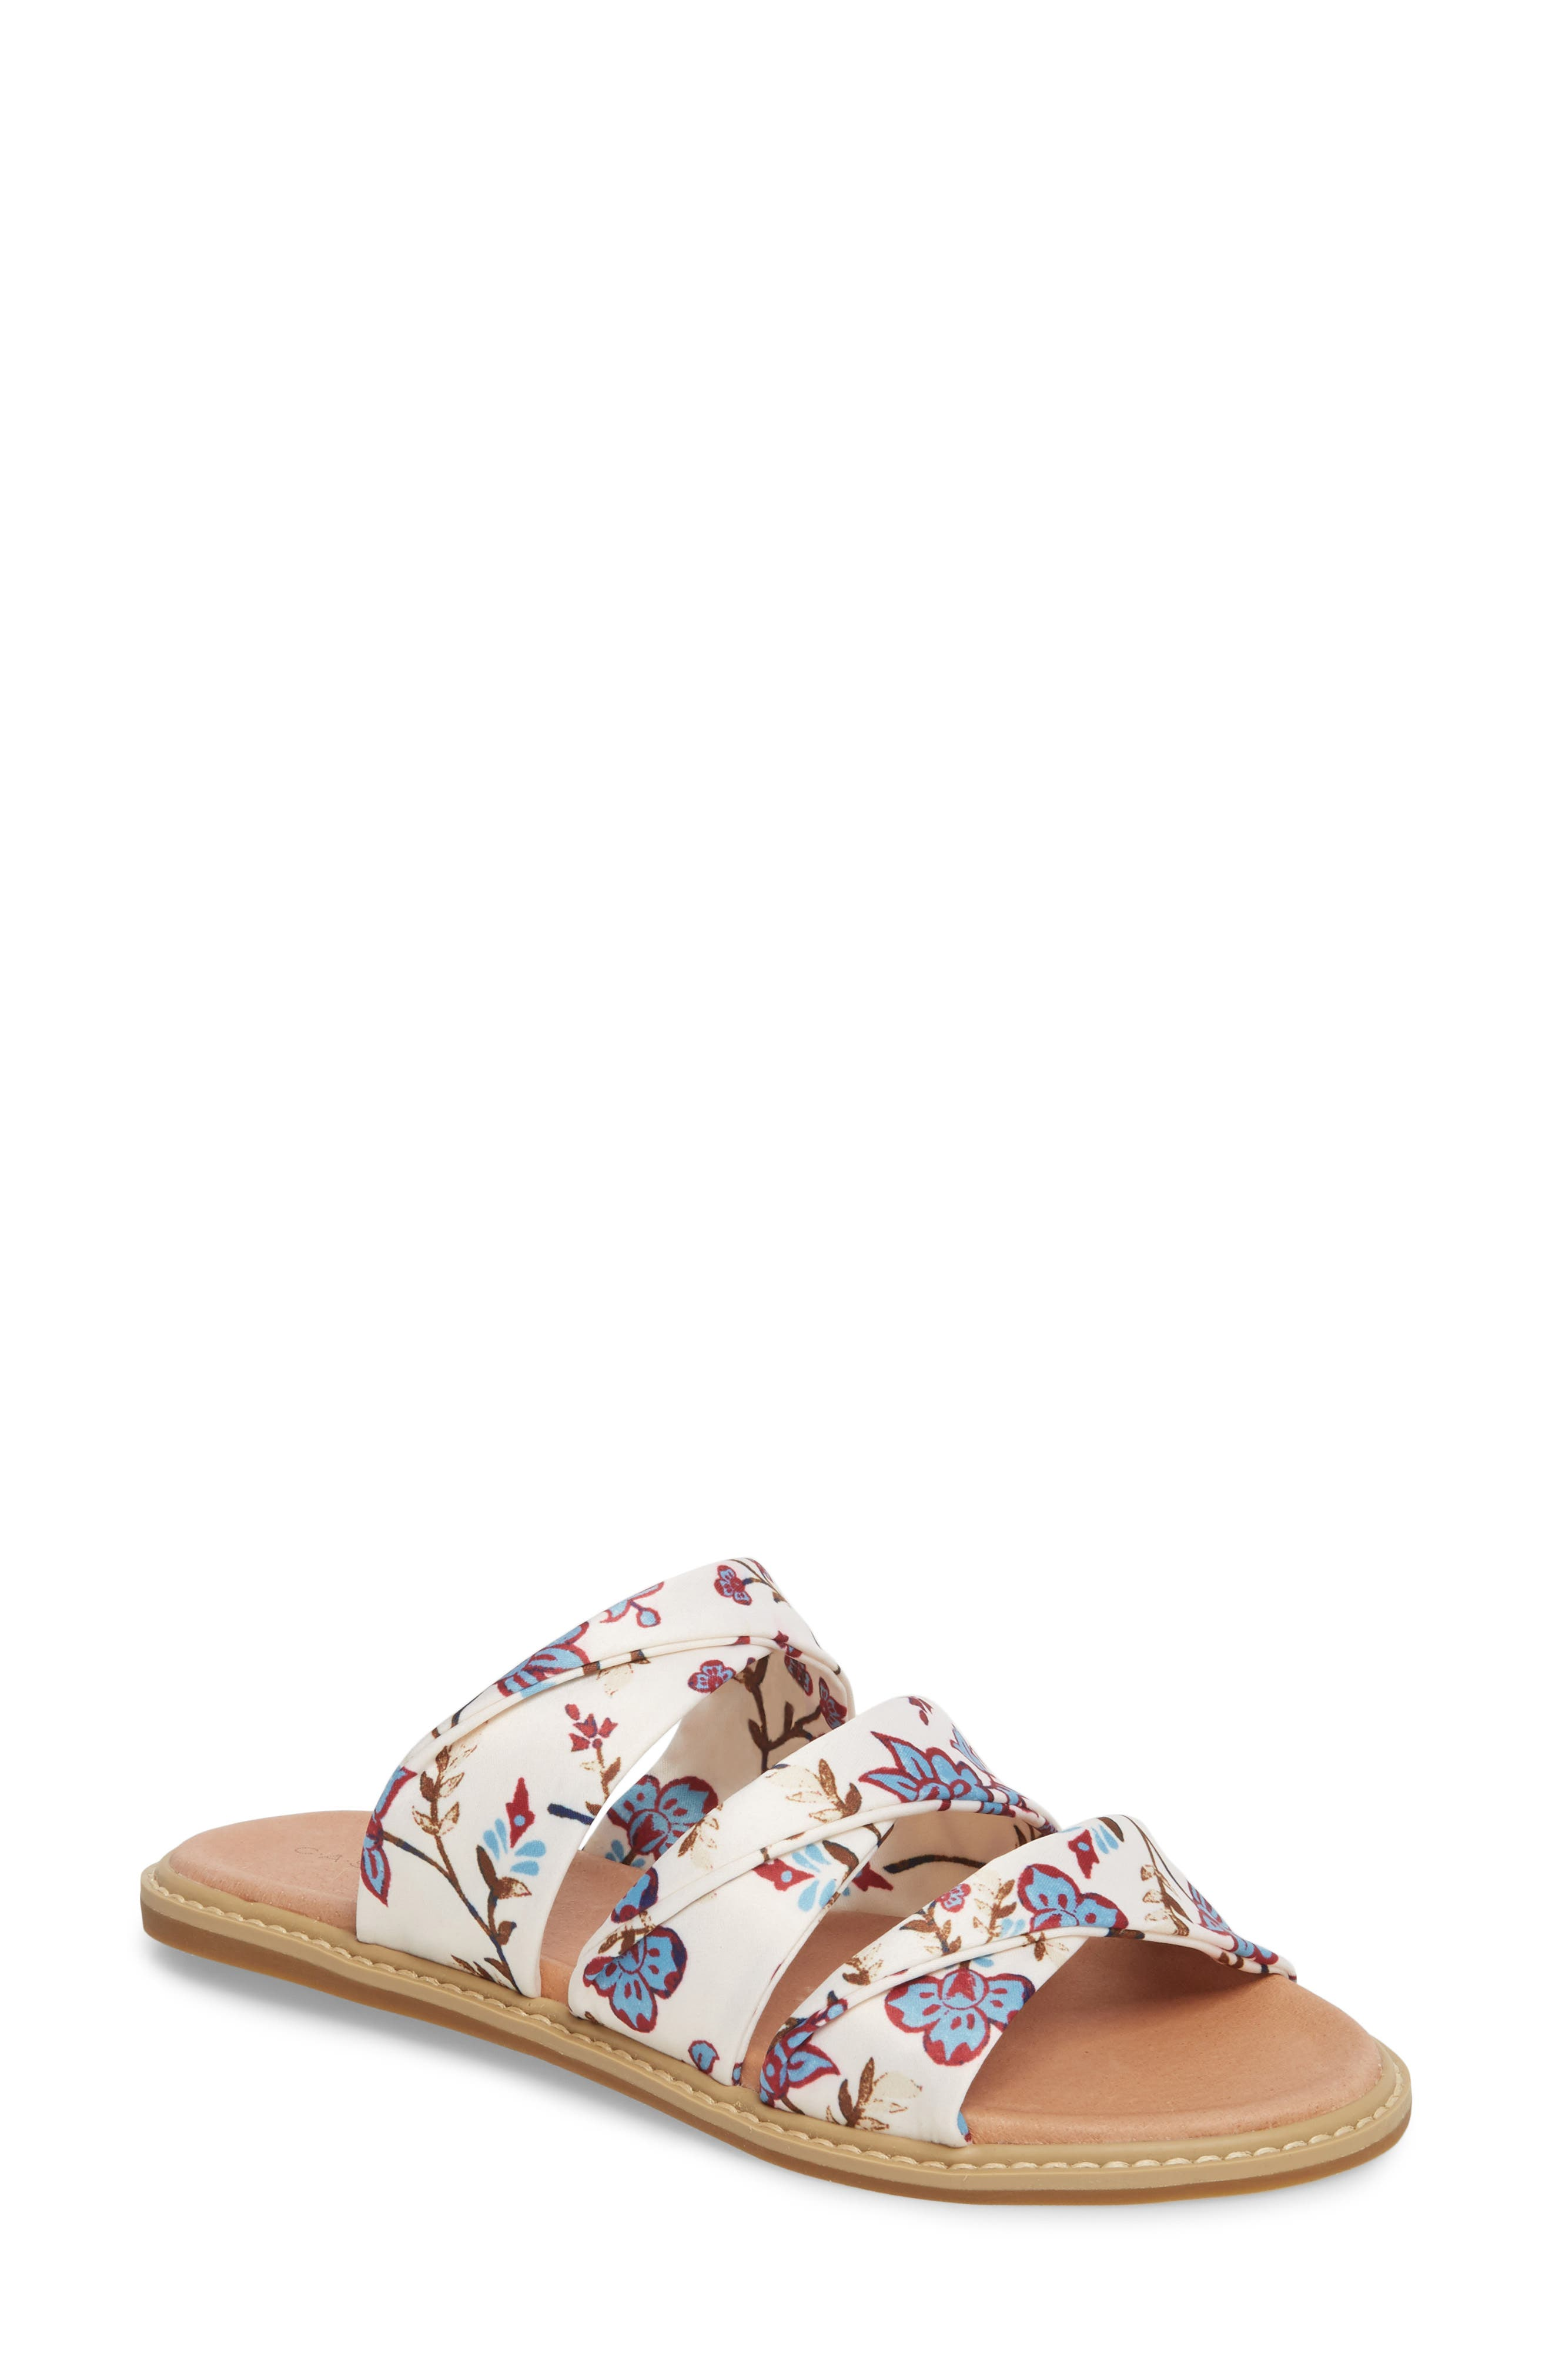 Cooper Slide Sandal,                         Main,                         color, 100